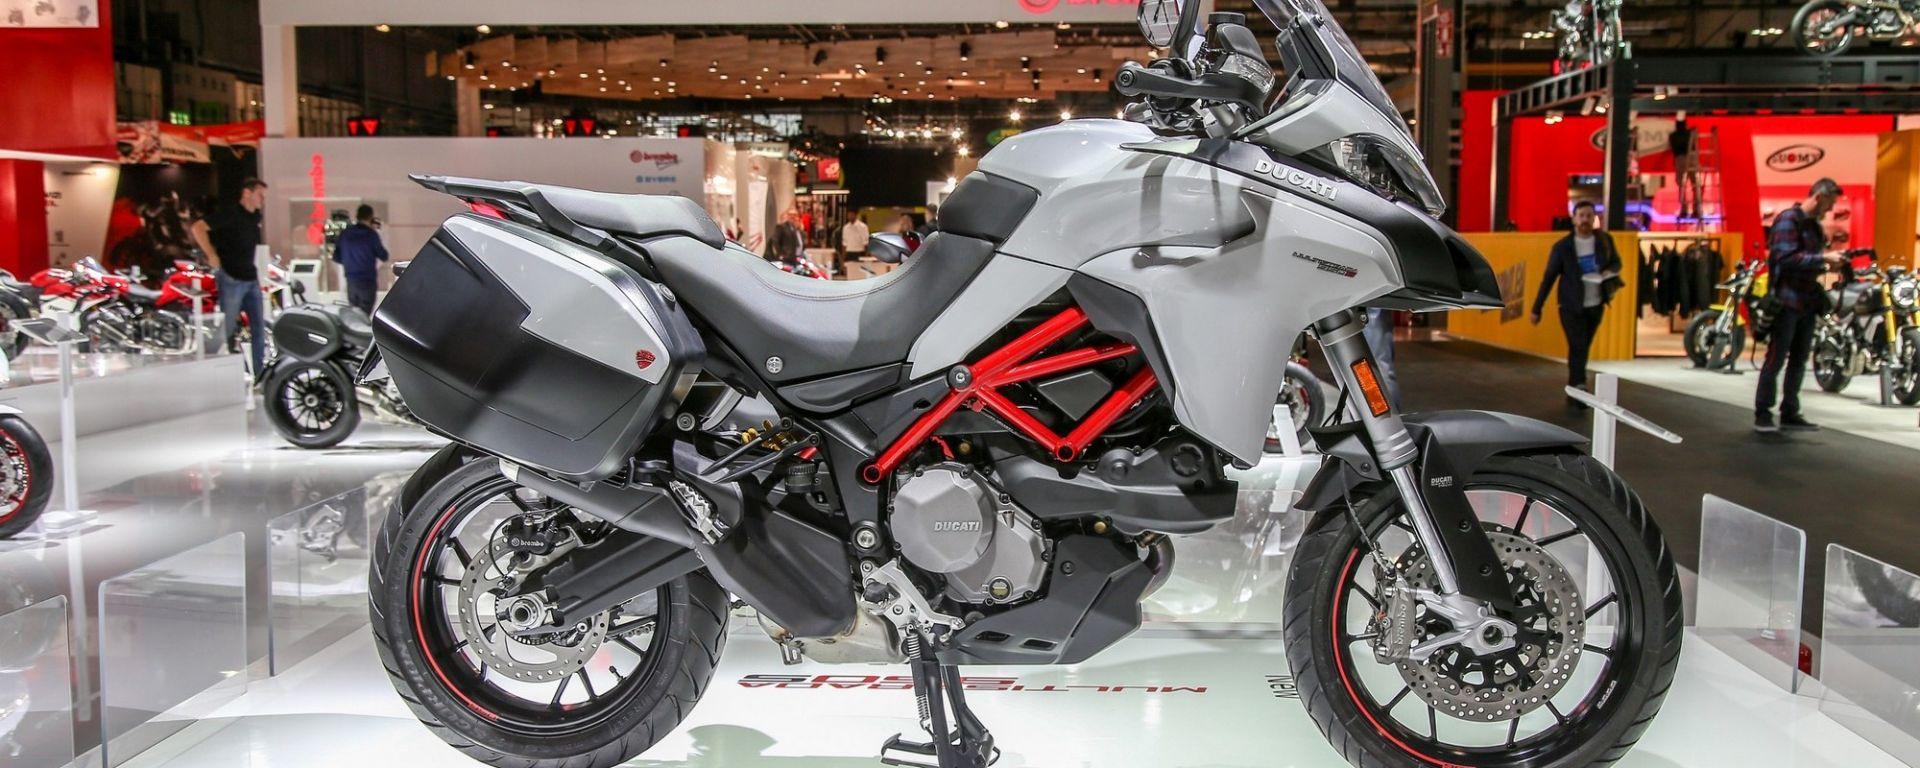 Ducati Multistrada 950 2019: ora più sofisticata in versione S [VIDEO]